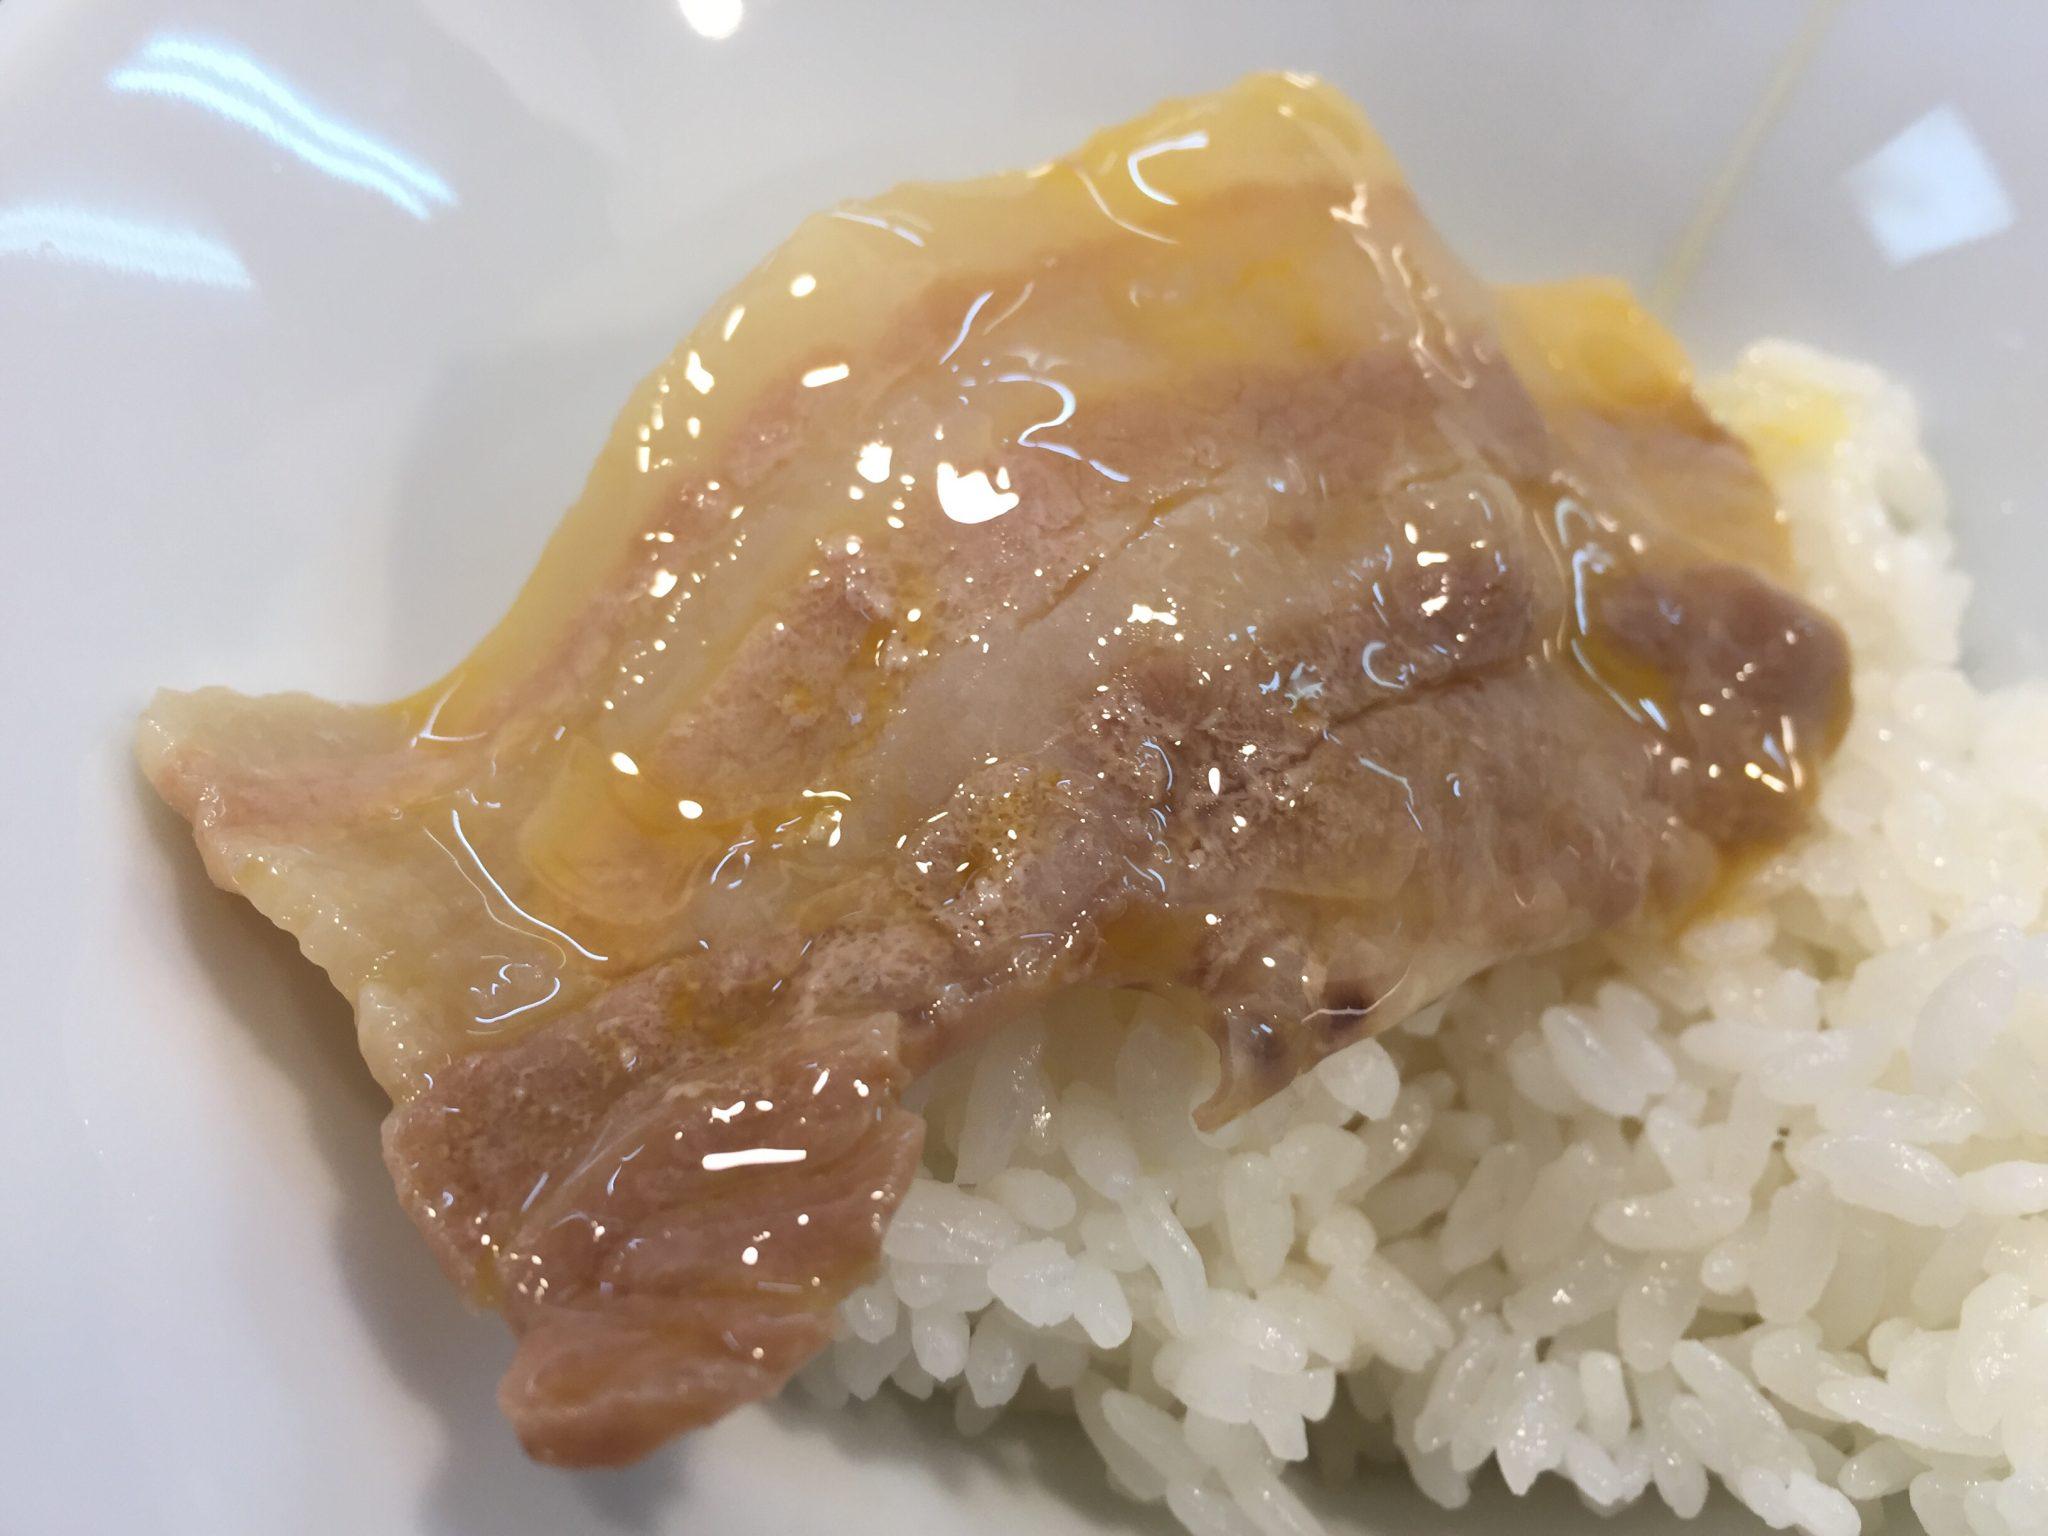 柳麺 多むら 外旭川店 徳島風中華そば ご飯付き すき焼き風OTR